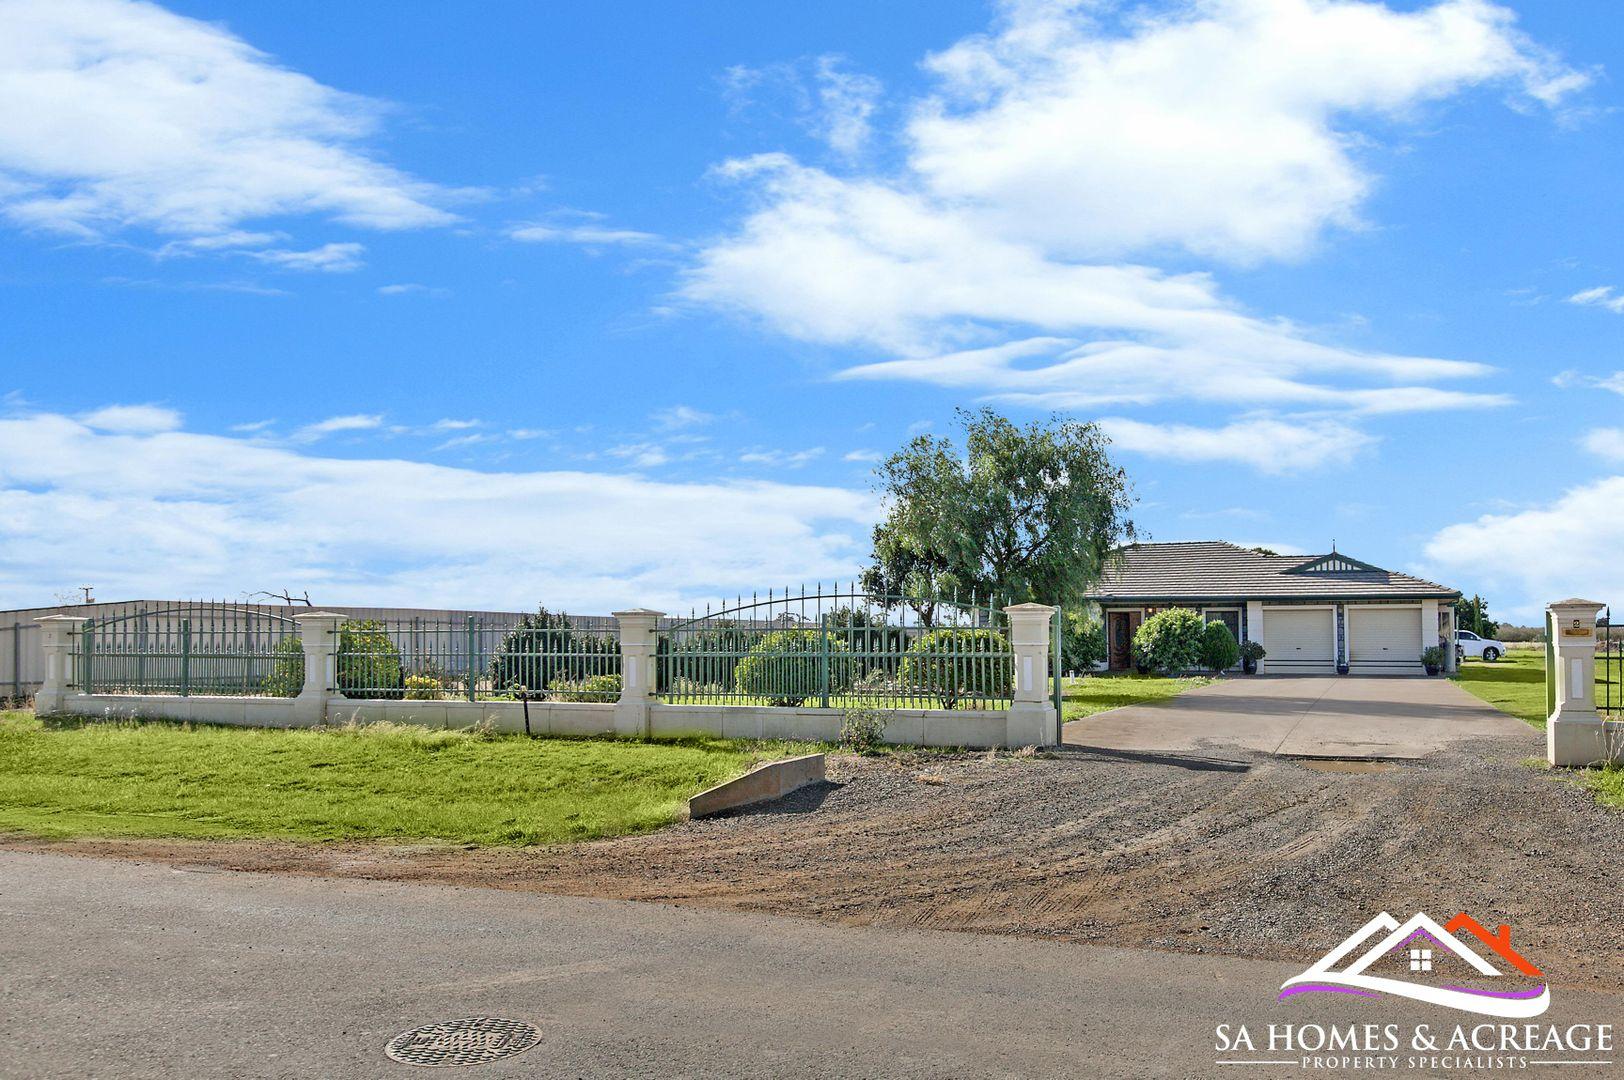 Lot 2 Fradd East Road, Munno Para West SA 5115, Image 0